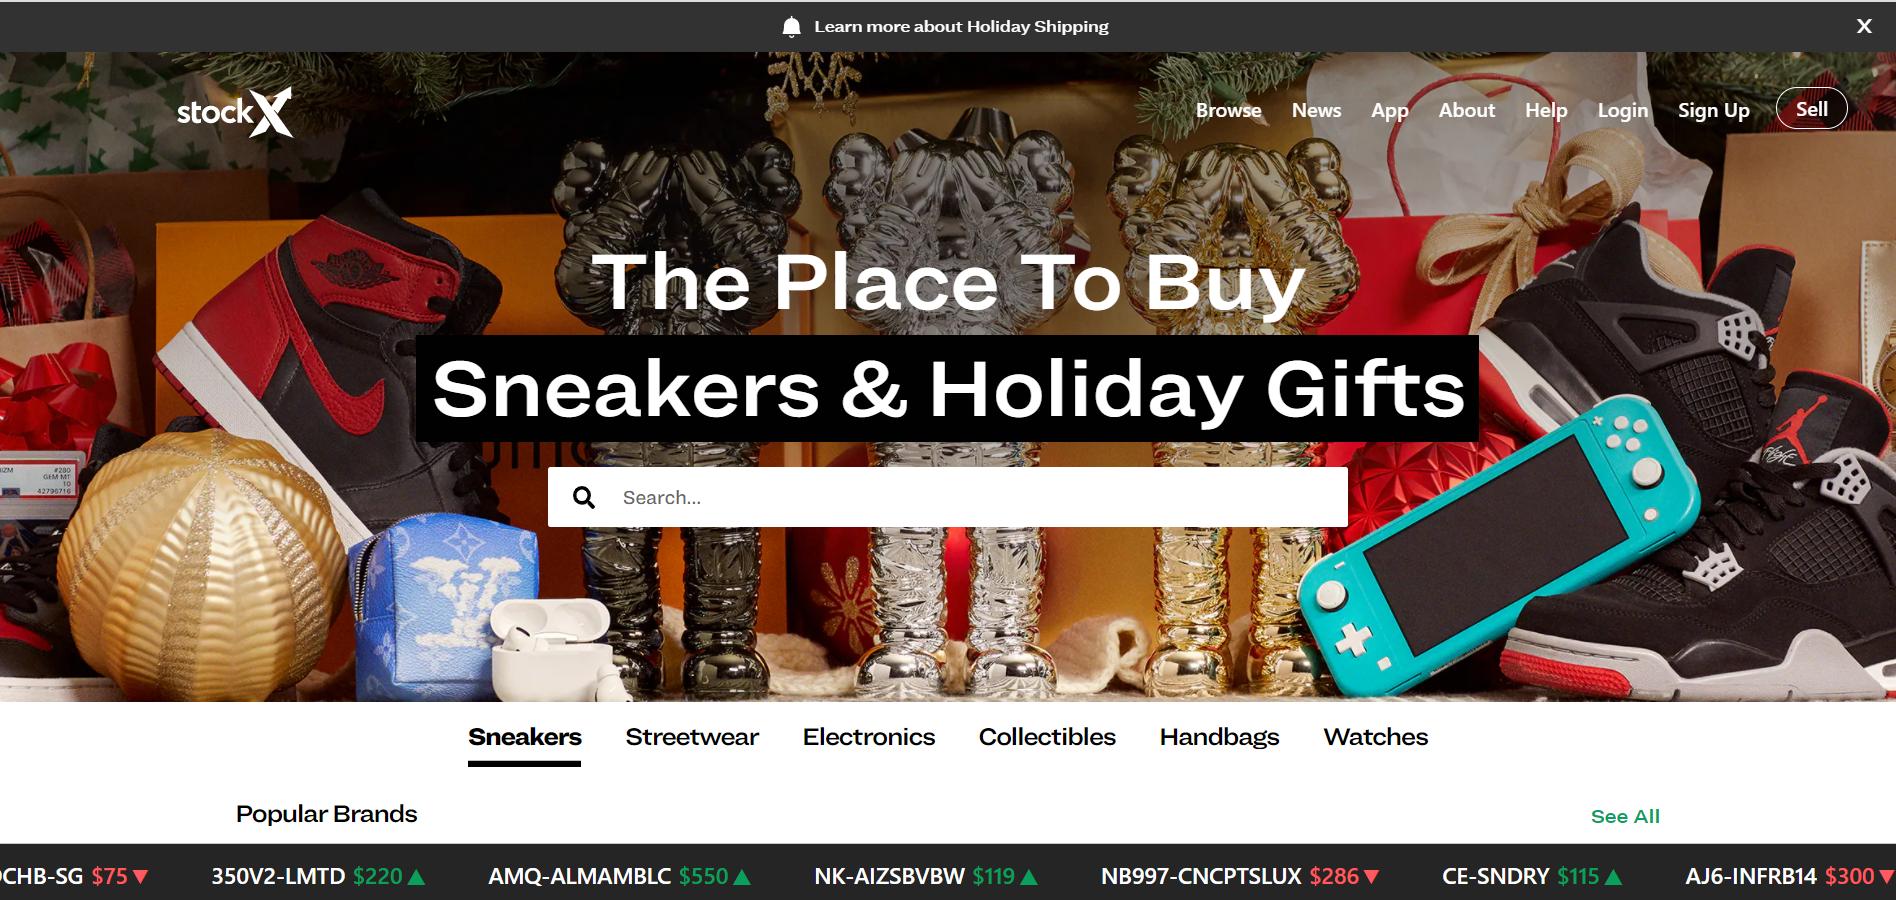 估值升至28亿美元!美国运动鞋交易平台 StockX 完成2.75亿美元E轮融资